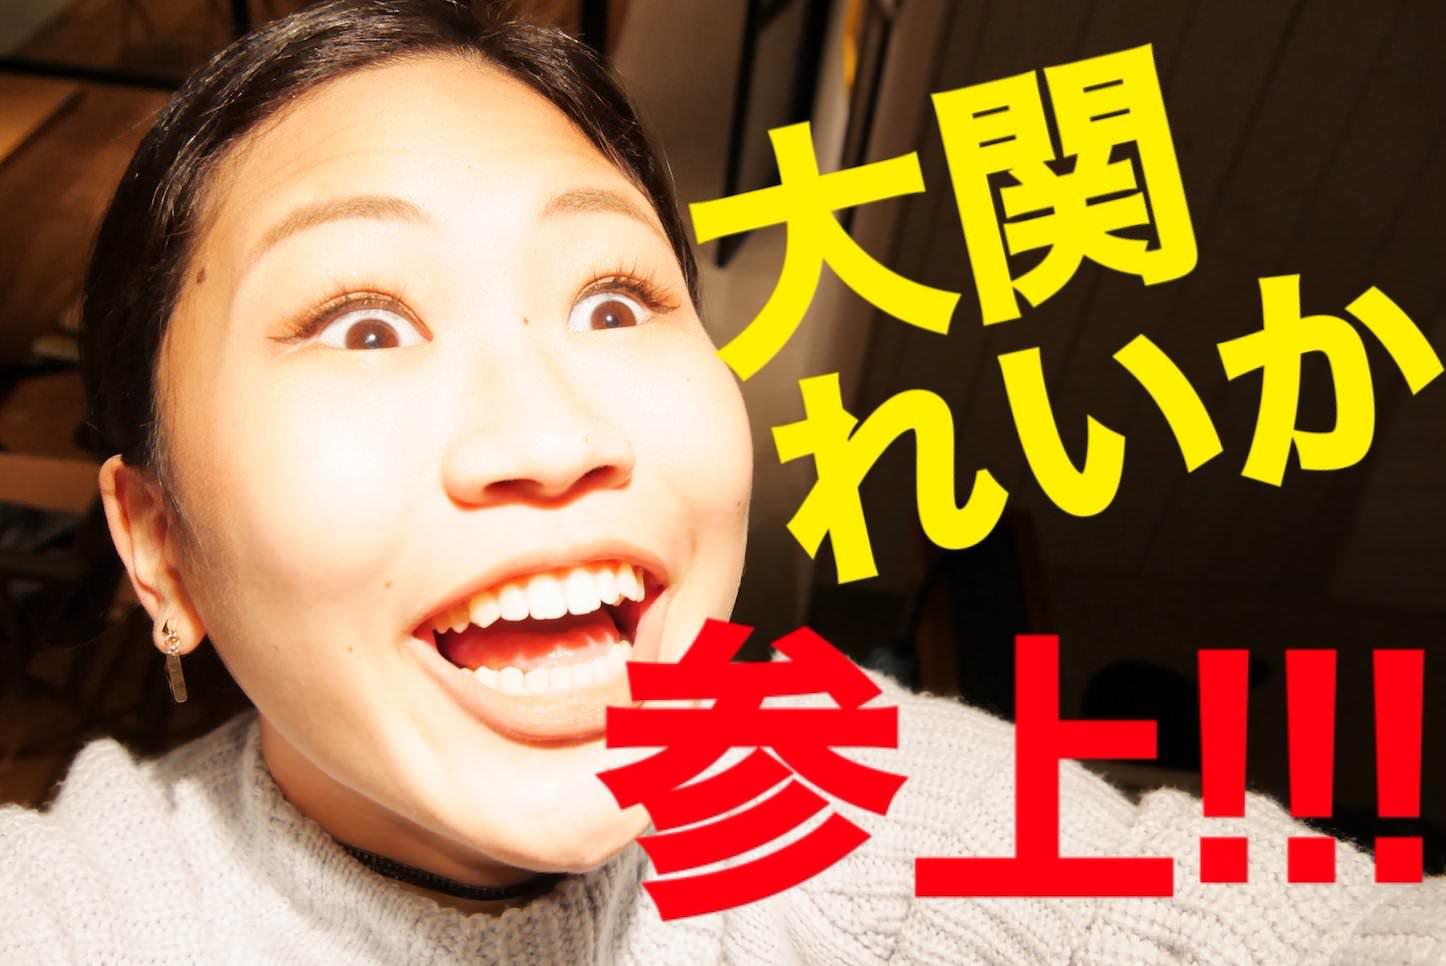 Reika-coming-to-Youtube.jpg